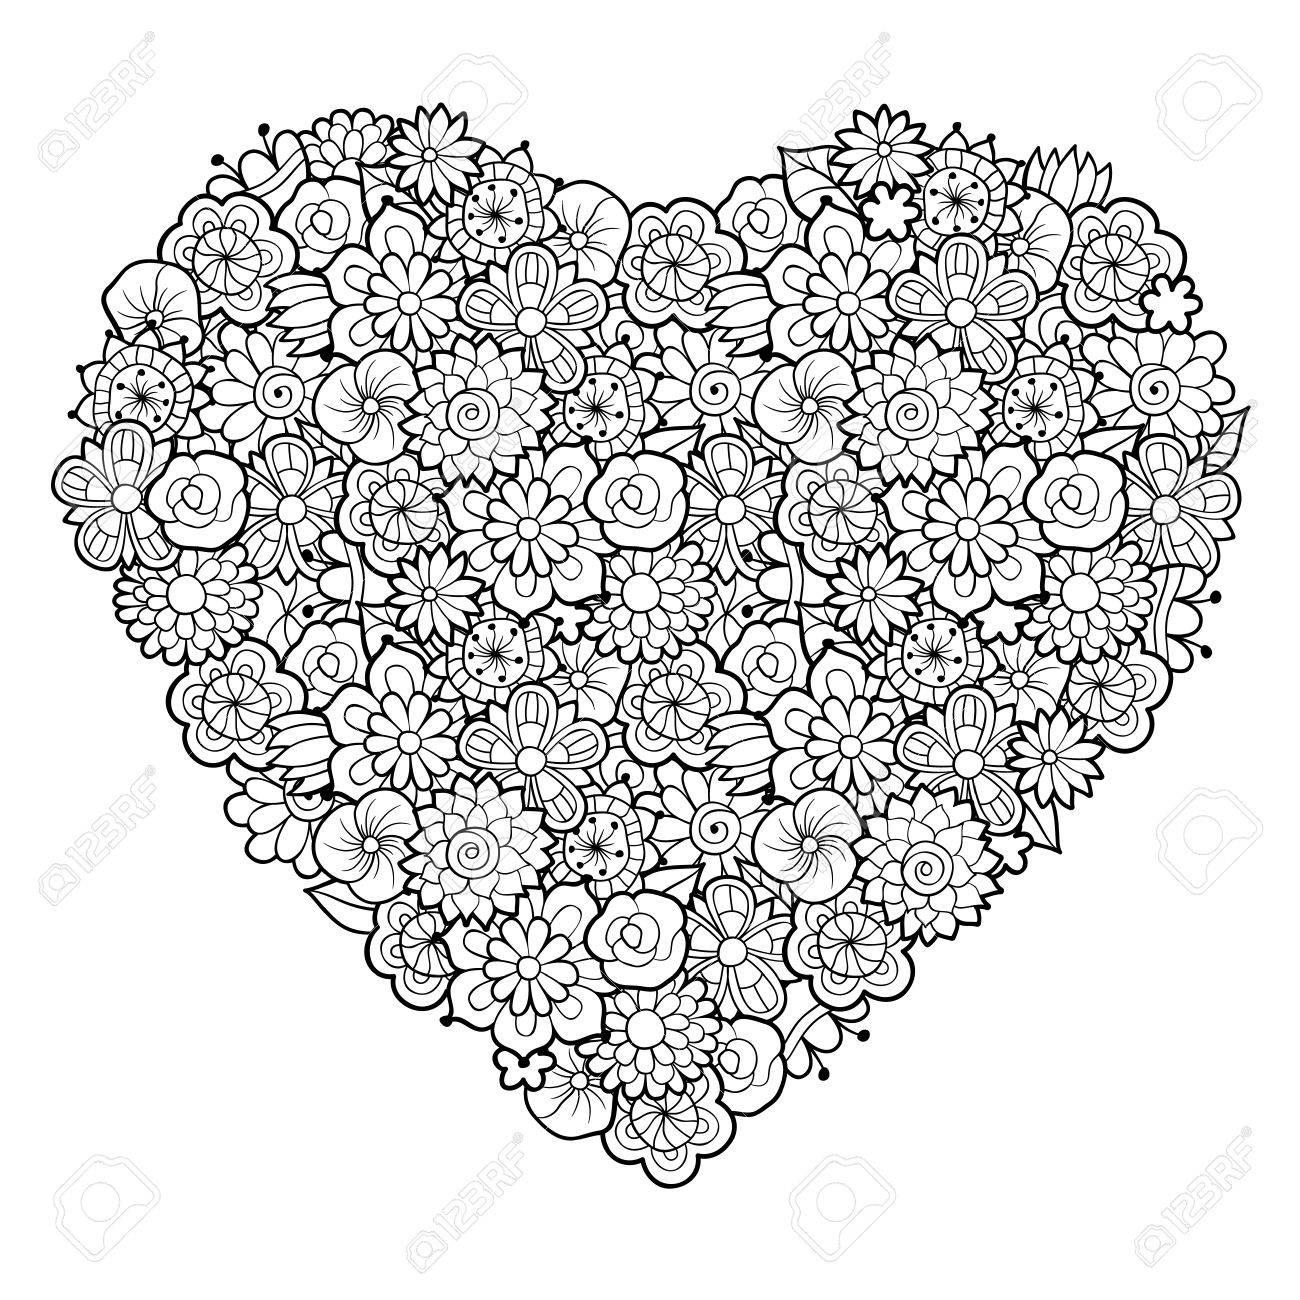 Großes Dekoratives Herz Mit Blumenverzierung. Schwarz Weiß Vektor